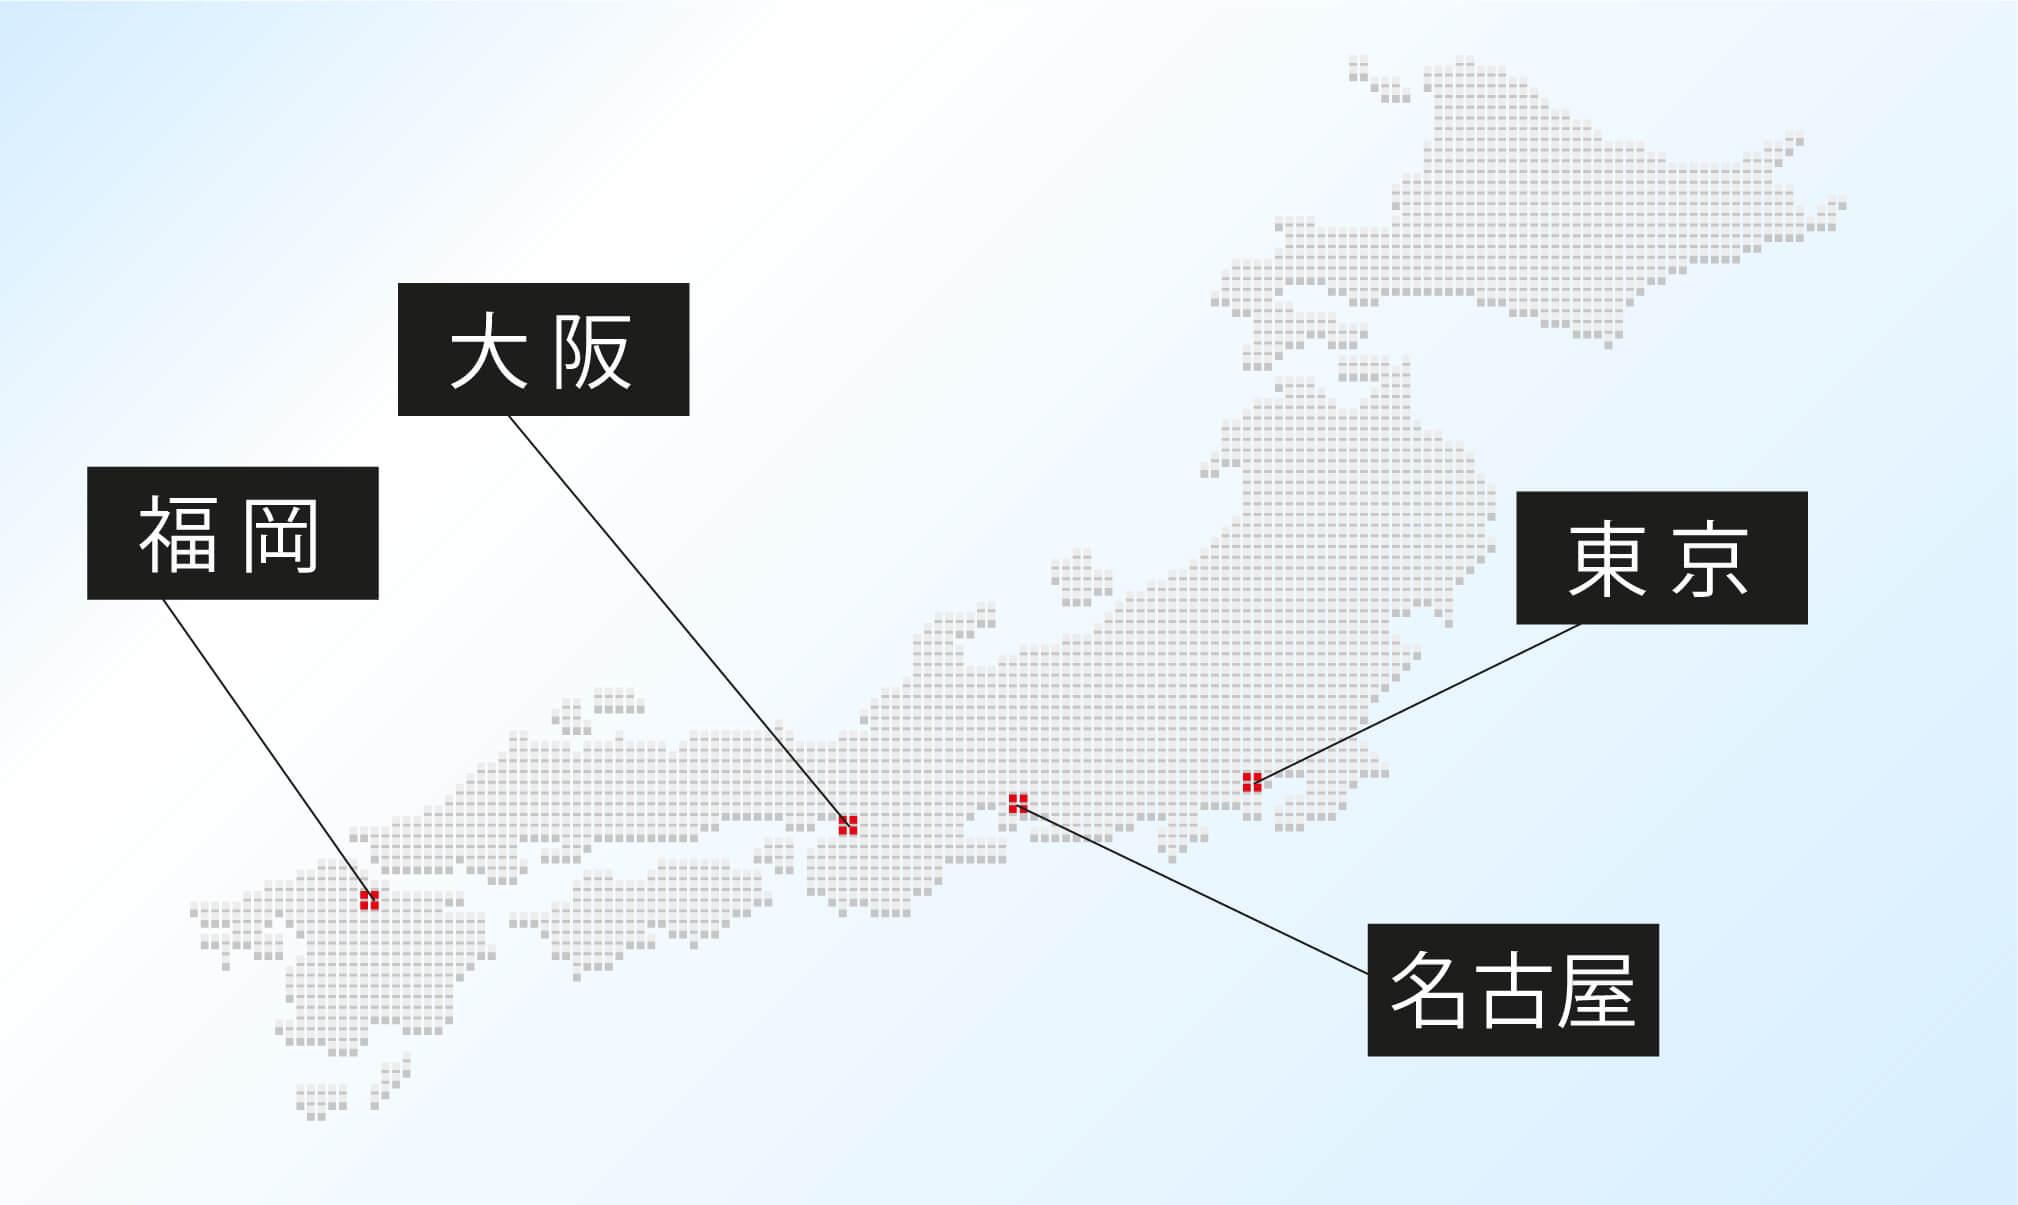 東名阪と福岡に拠点を構え、全国展開にも対応